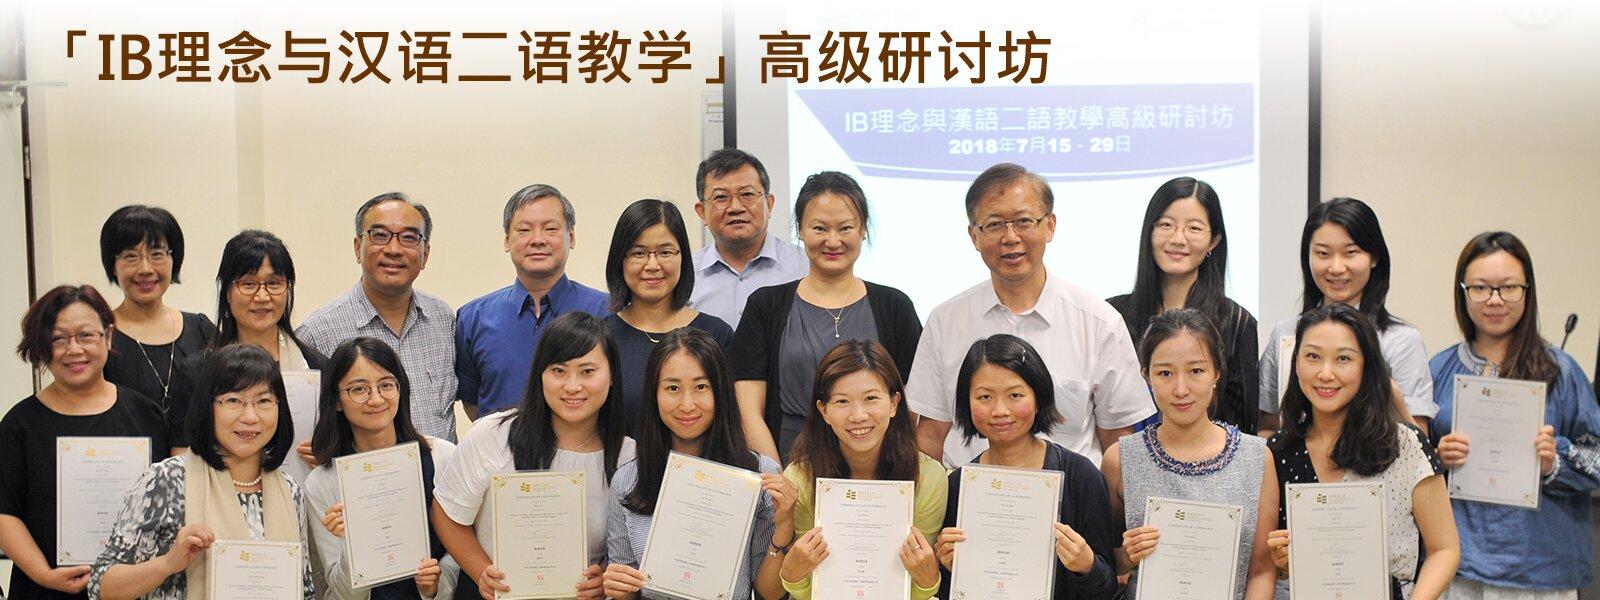 教大举办「IB理念与汉语二语教学」高级研讨坊